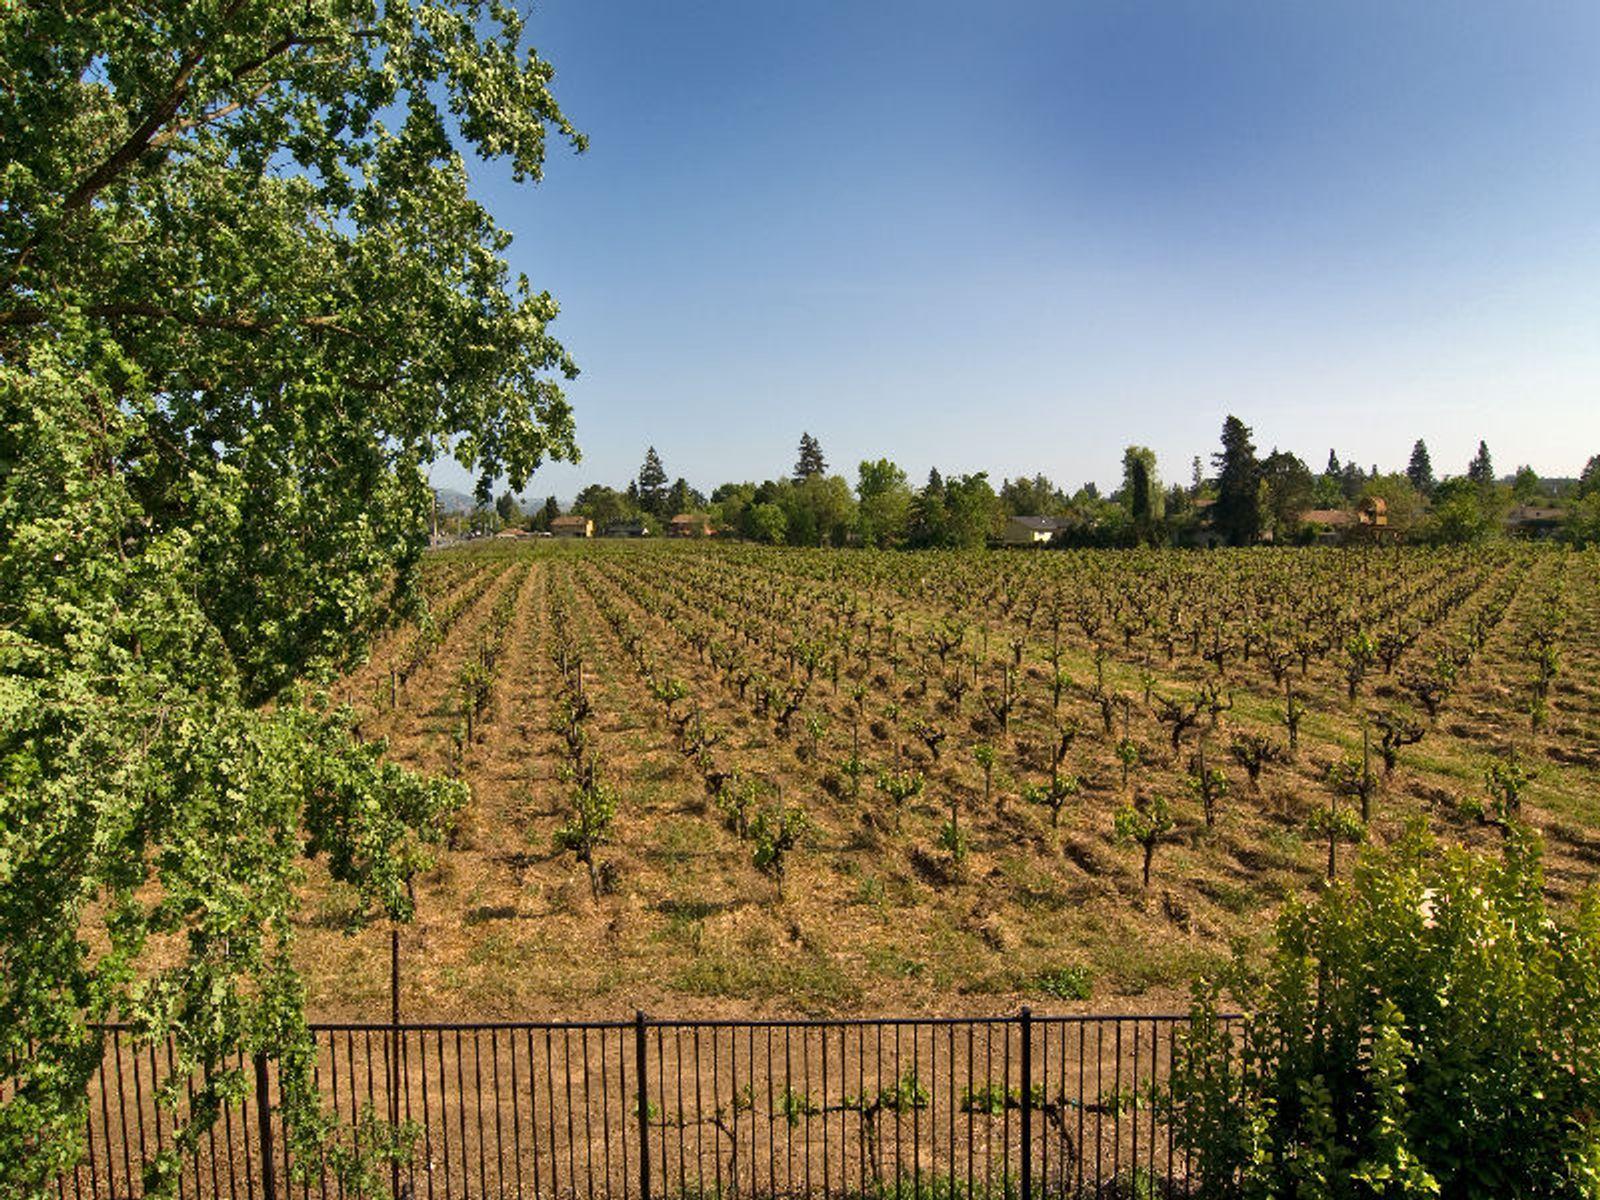 Vineyard Views in Napa